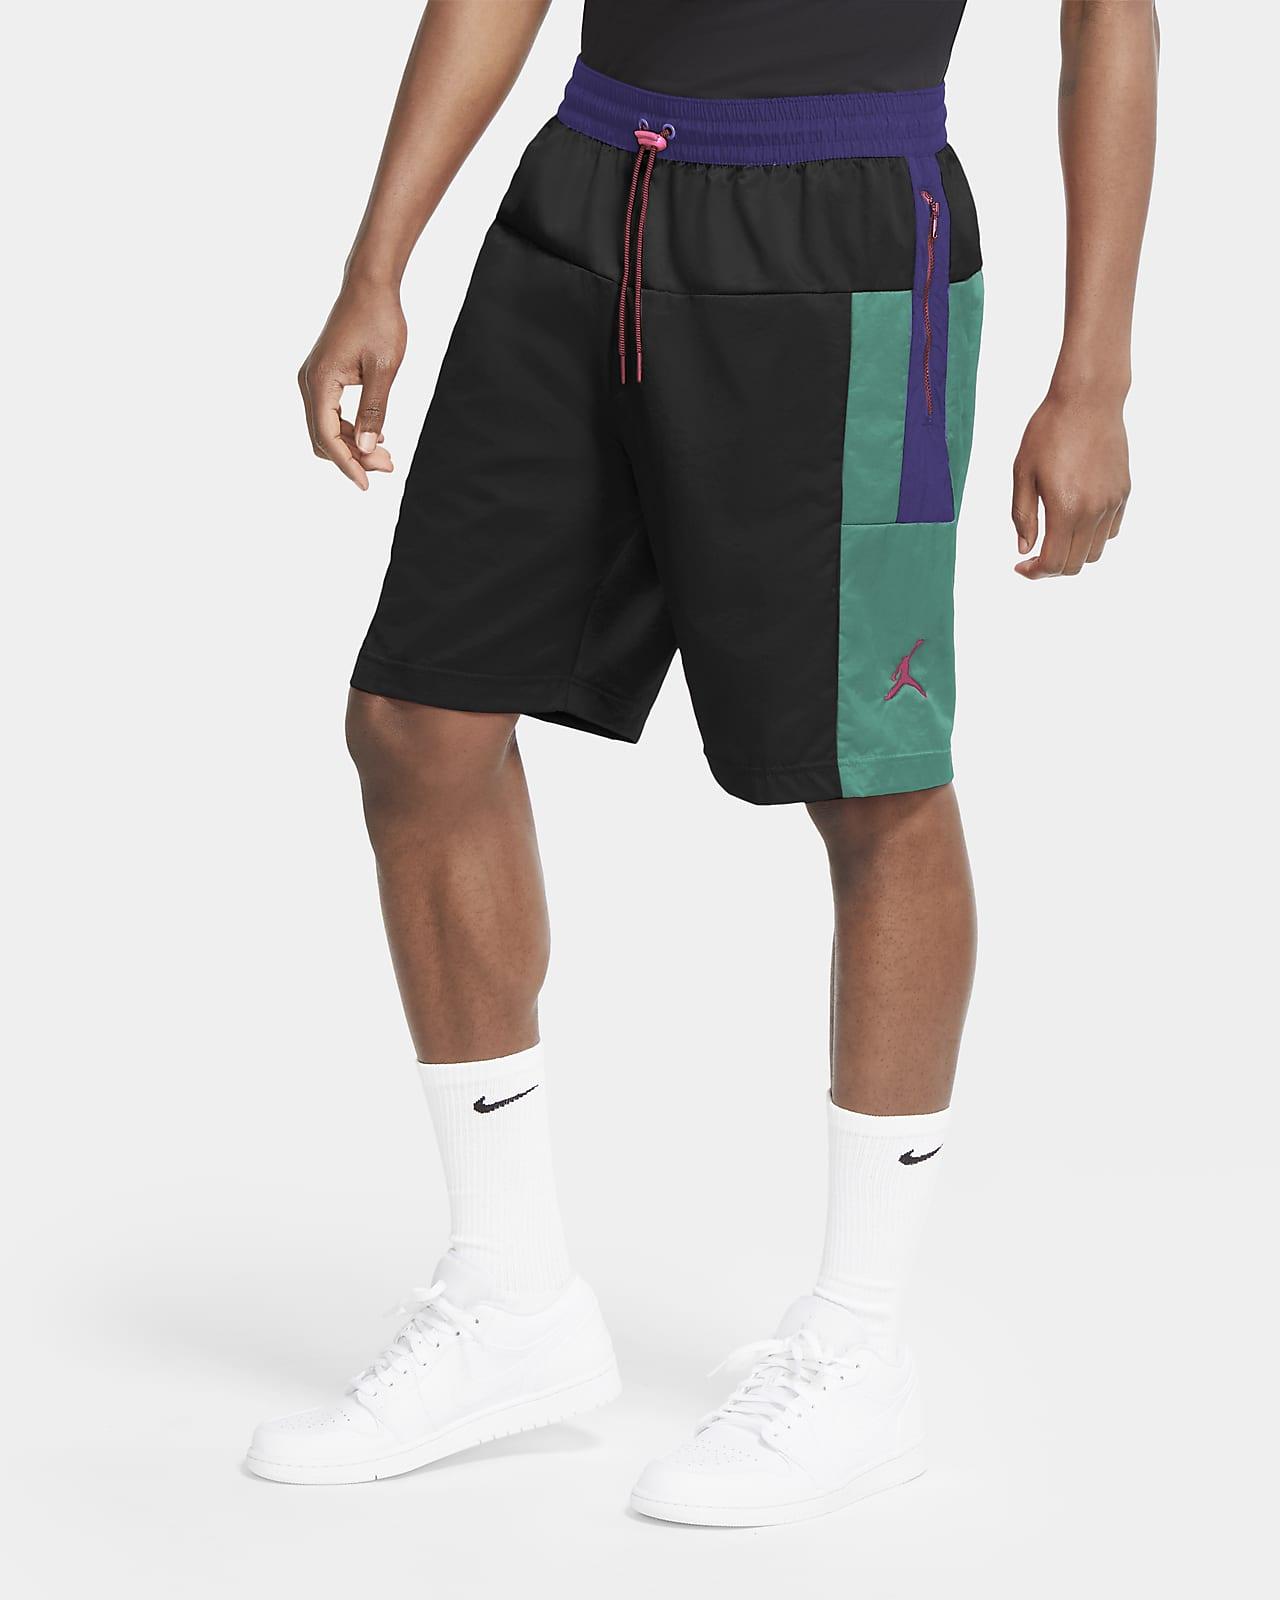 กางเกงบล็อคขาสั้นผู้ชาย Jordan Jumpman